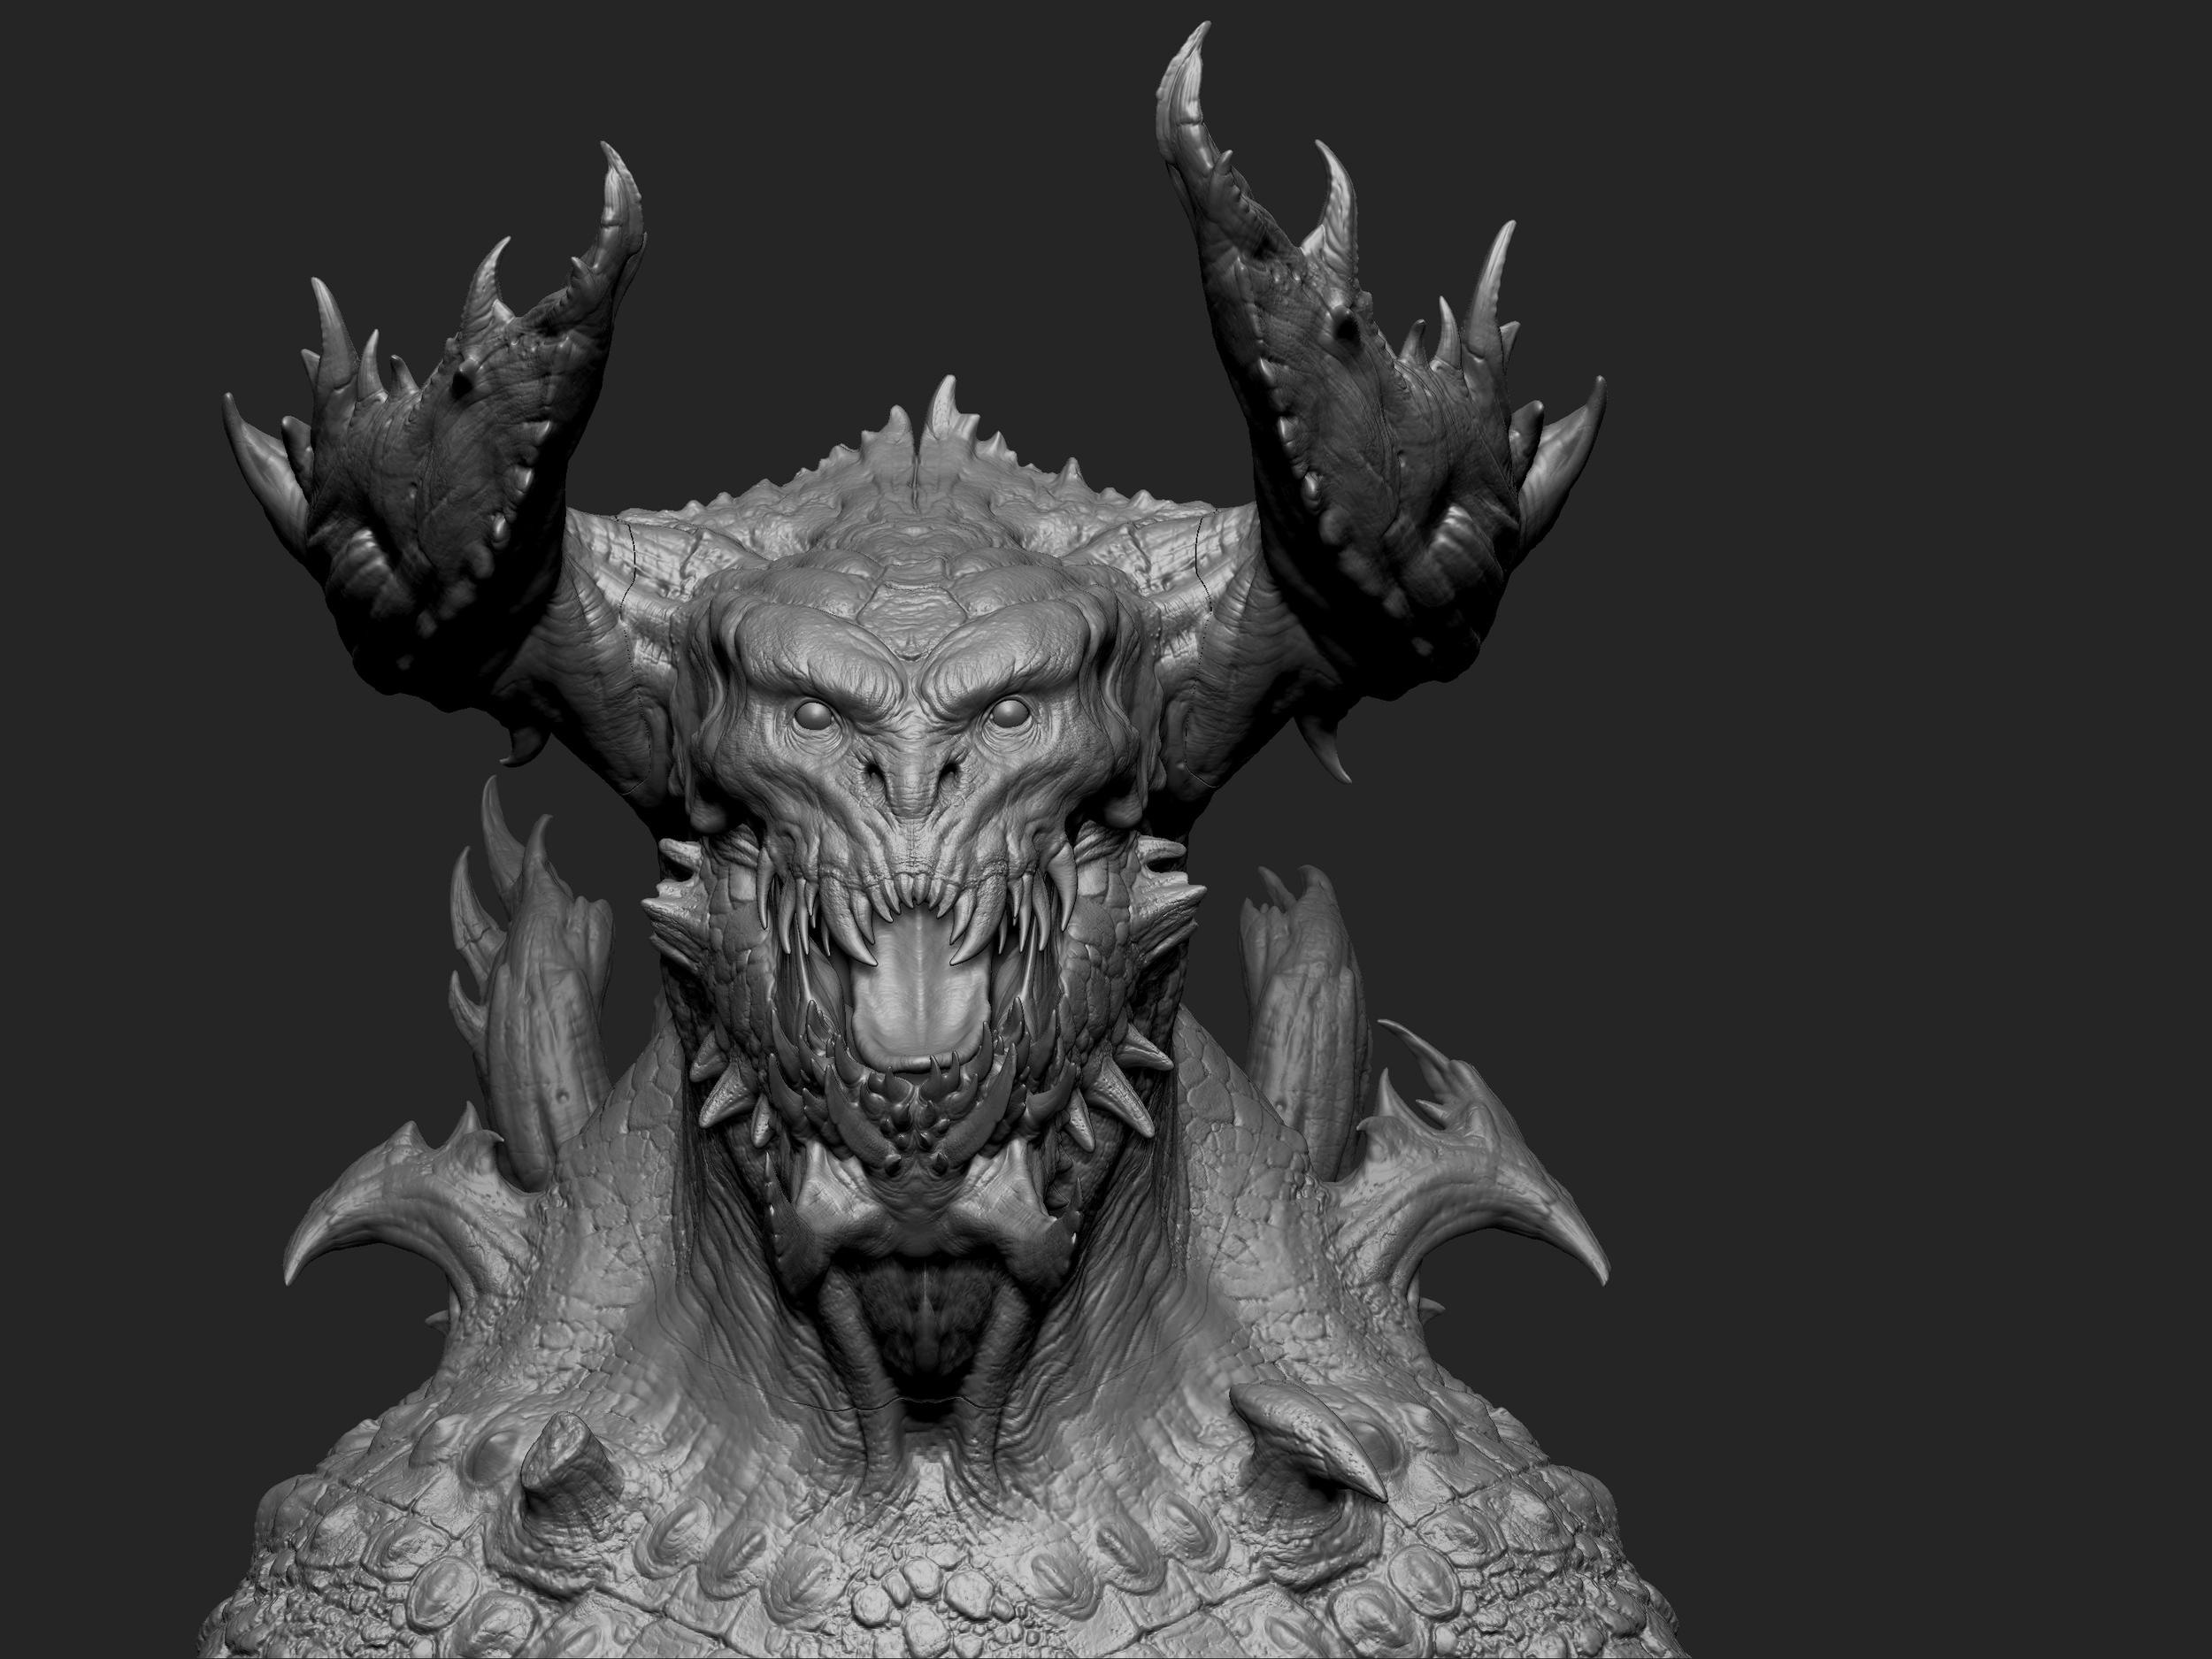 05_Demon_Sculpt.jpg